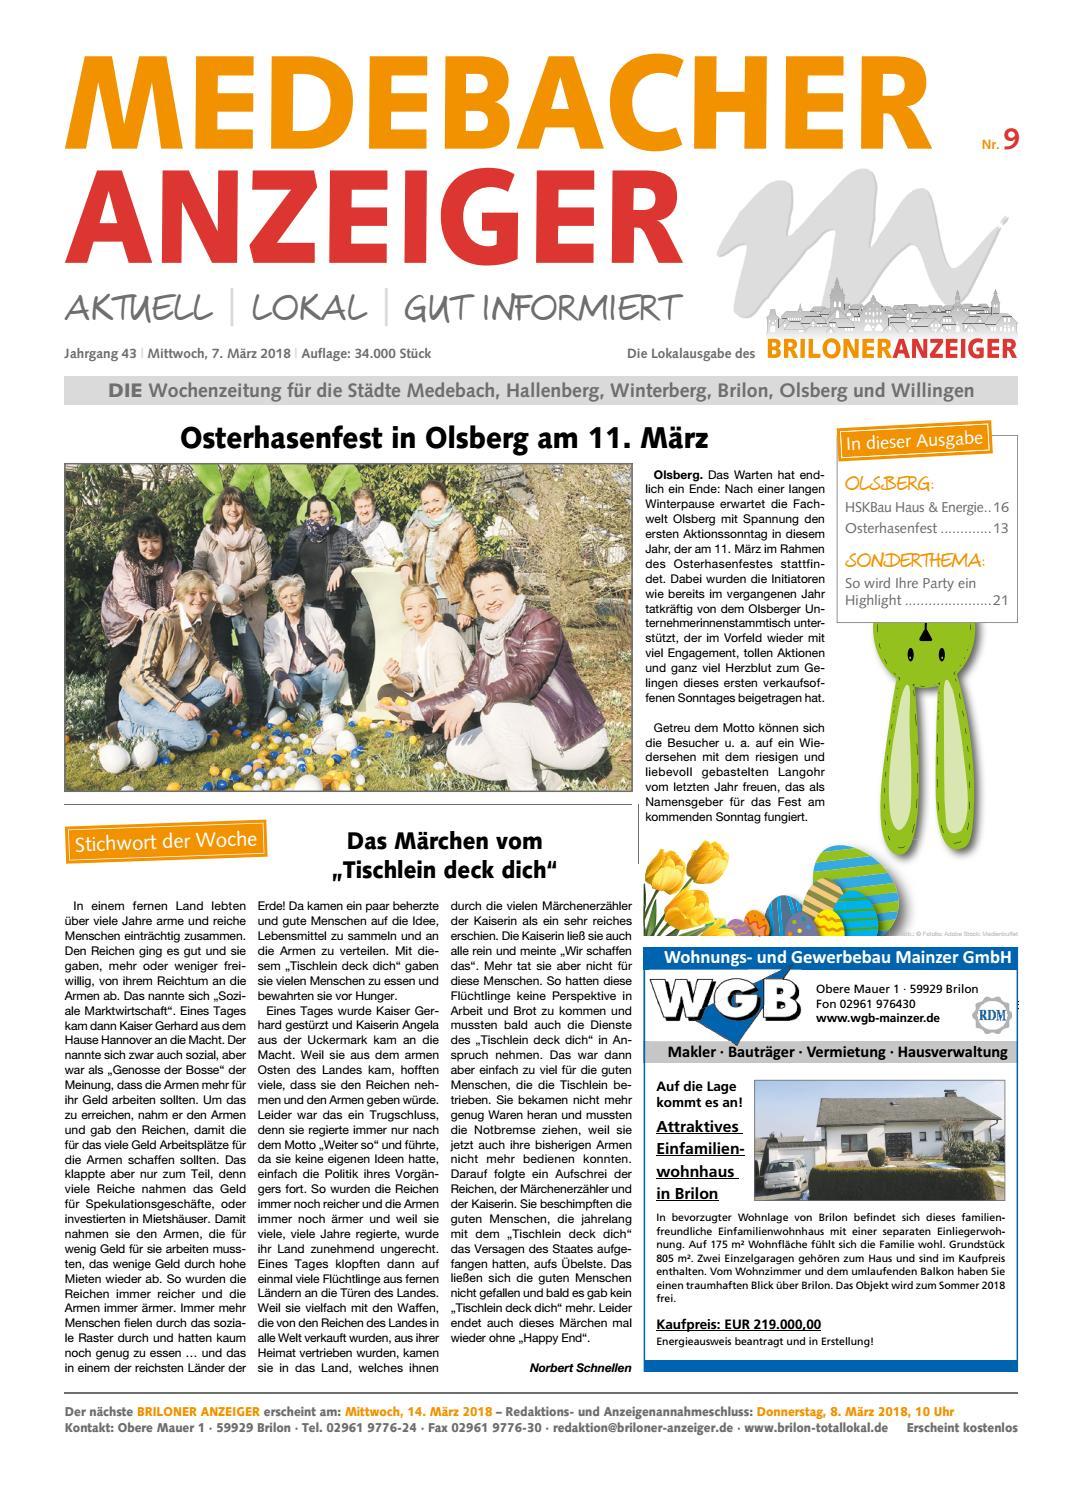 Medebacher Anzeiger Nr 09 Vom 7 3 2018 By Brilon Totallokal Issuu